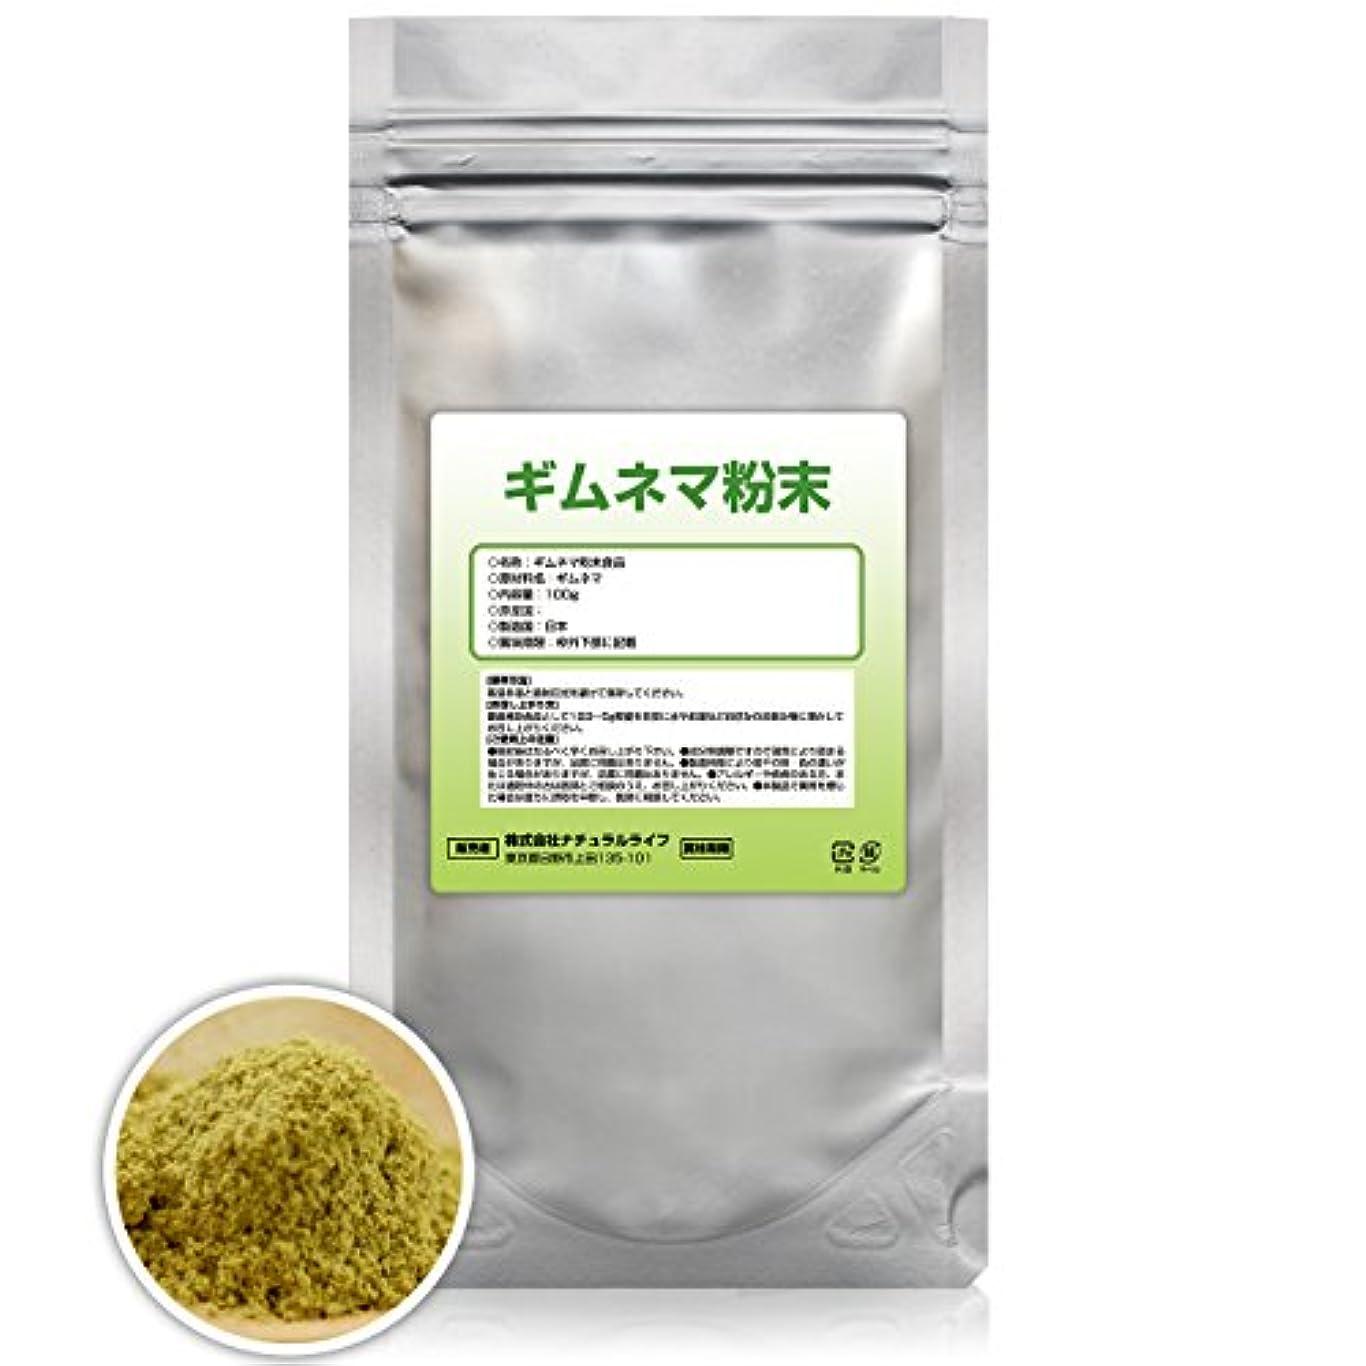 配置喪ポーズギムネマ粉末[100g]天然ピュア原料(無添加)健康食品(ぎむねま)